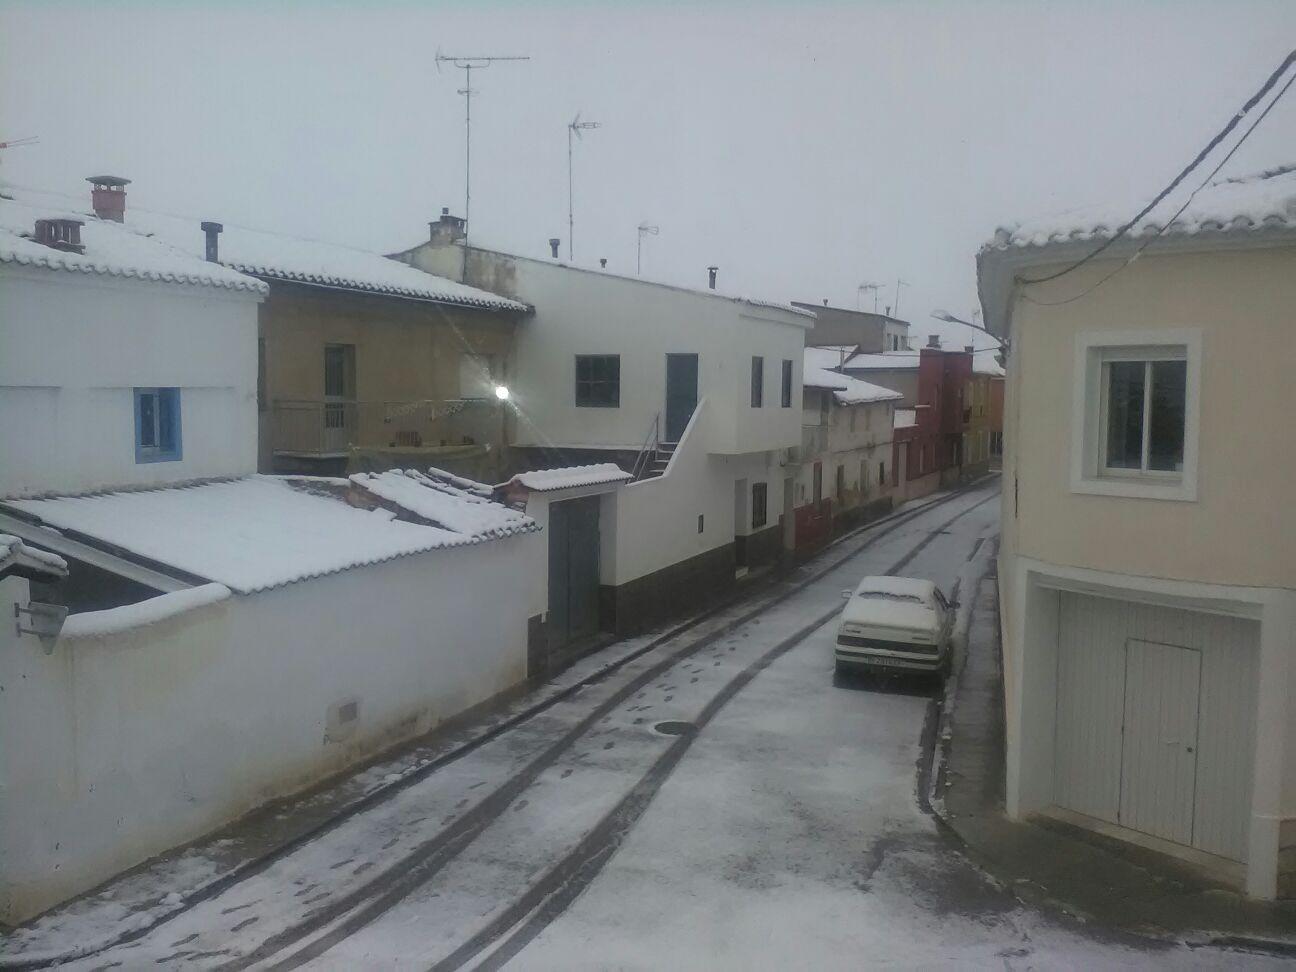 La nieve sigue estando muy presente en municipios del interior valenciano como Camporrobles. Foto: Raúl Ferrer.